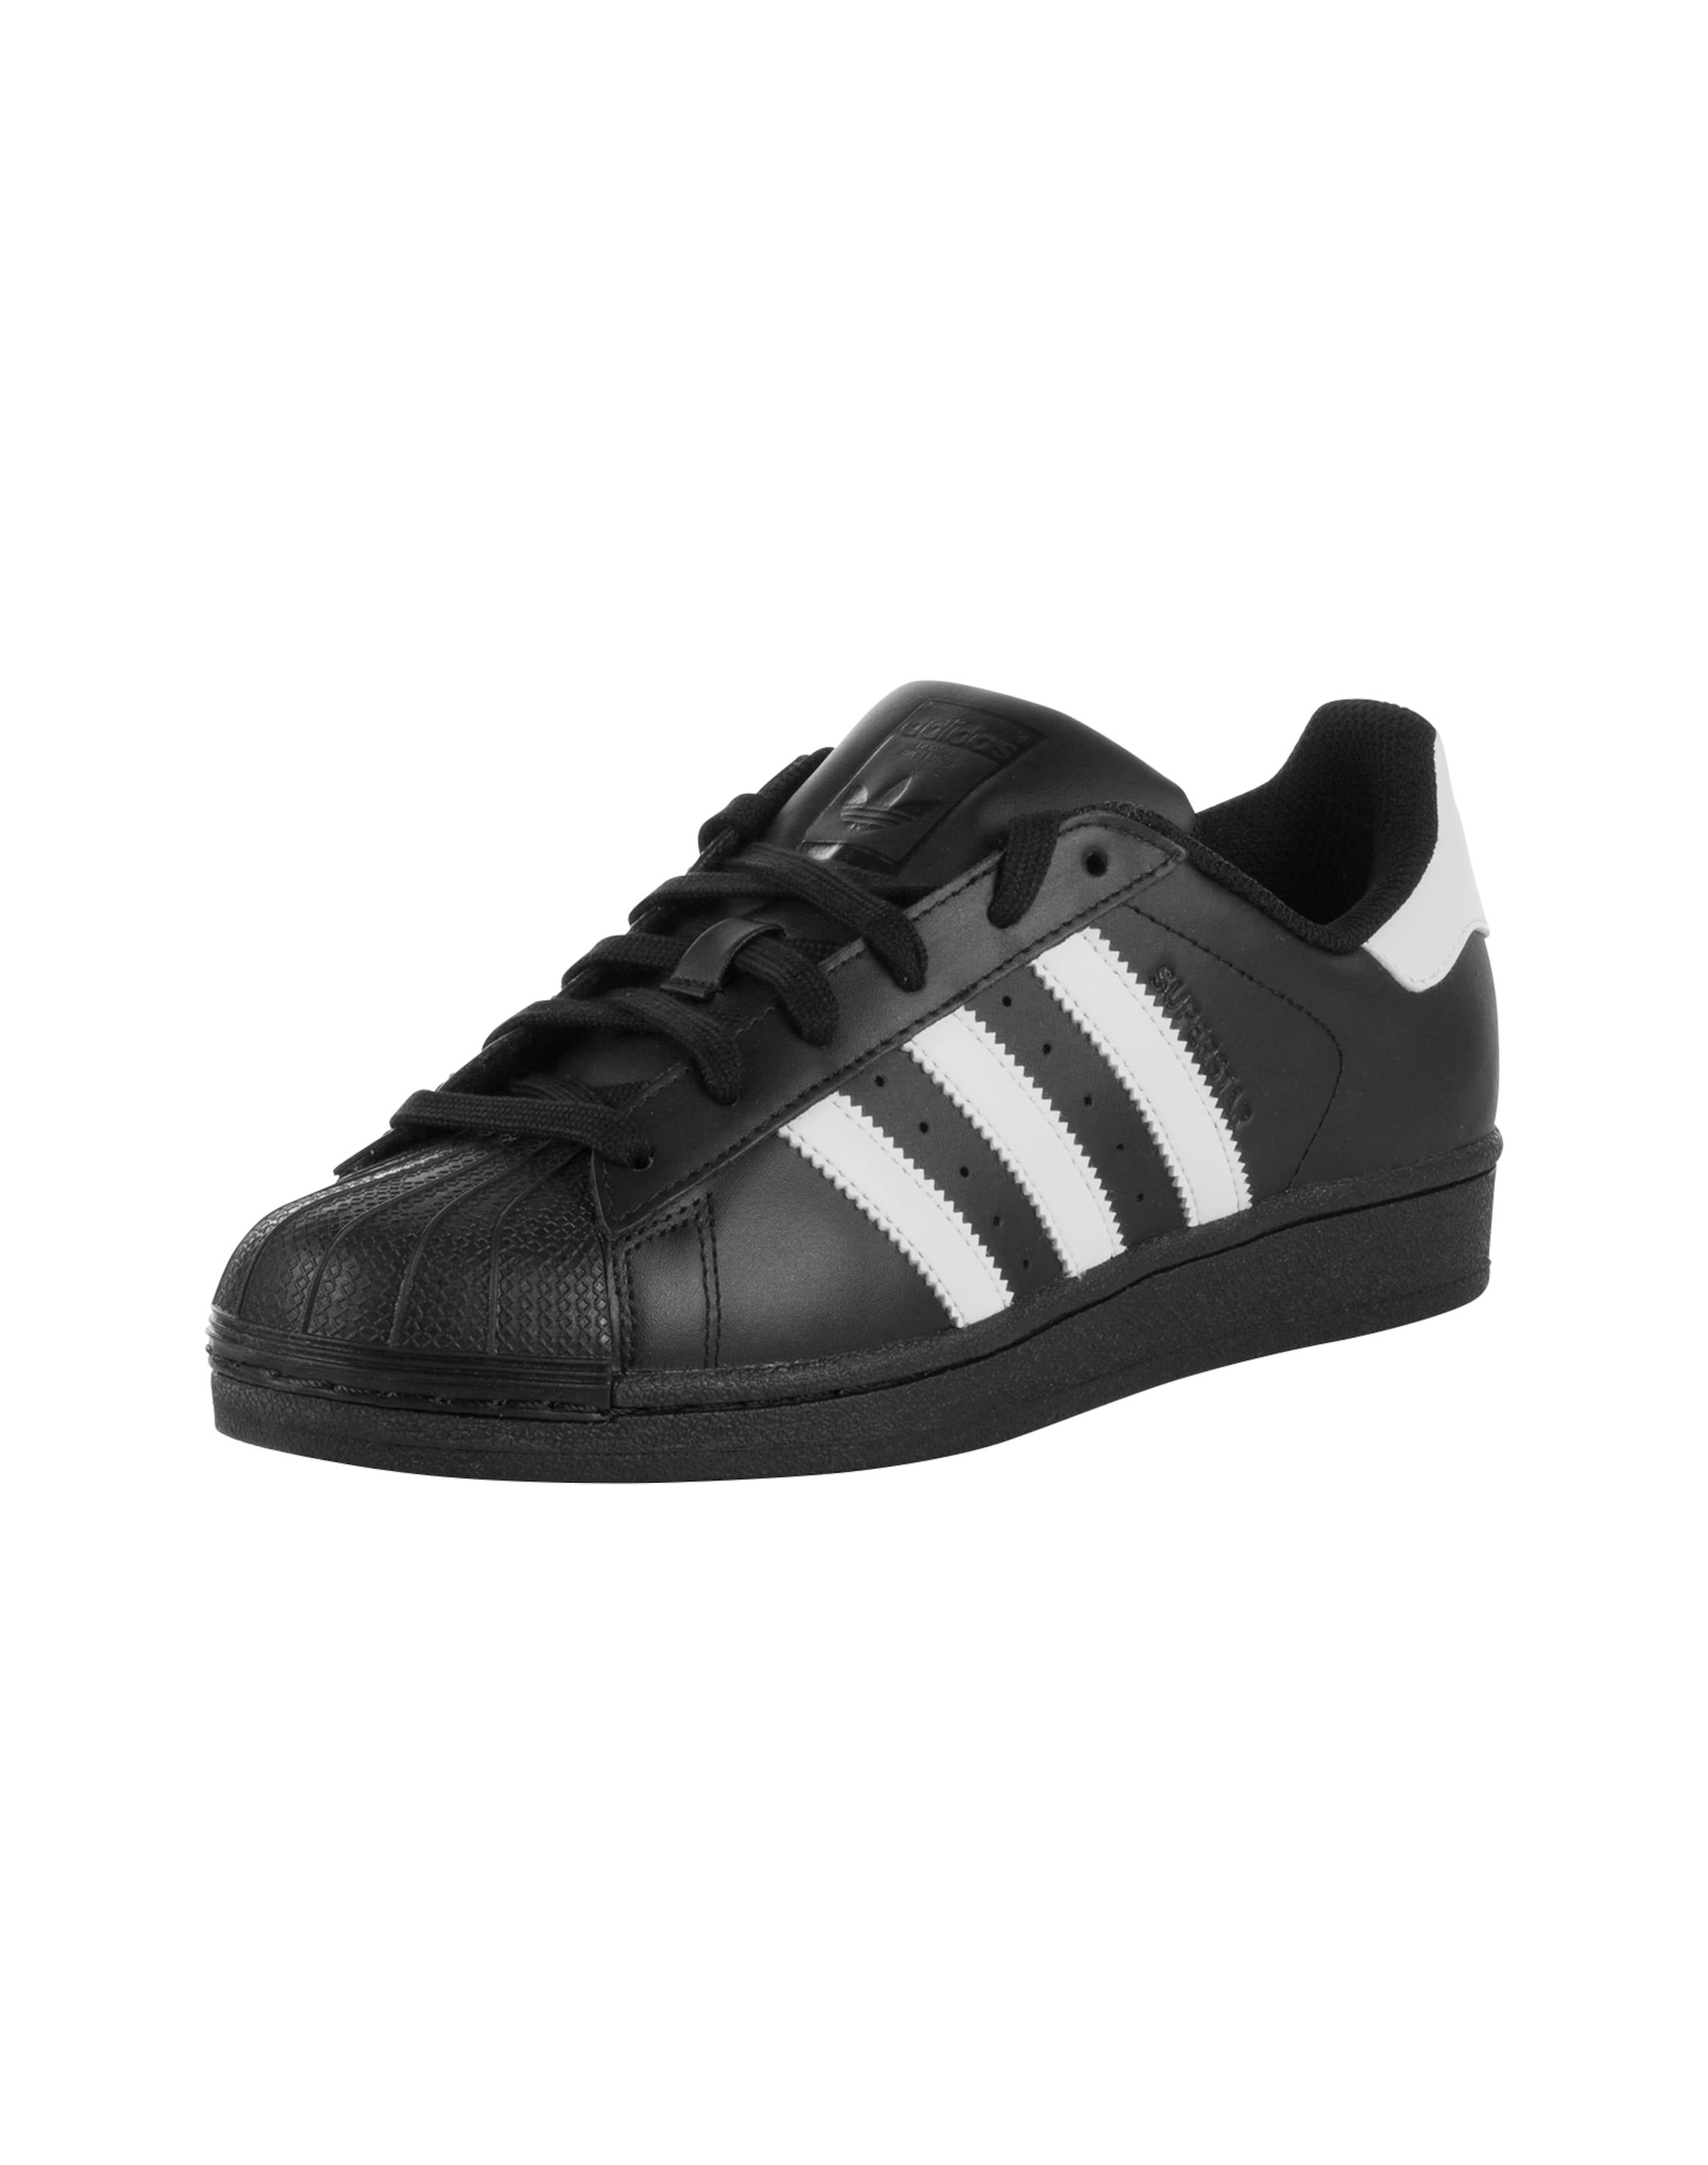 ADIDAS ORIGINALS Sneaker Superstar Verschleißfeste billige Schuhe